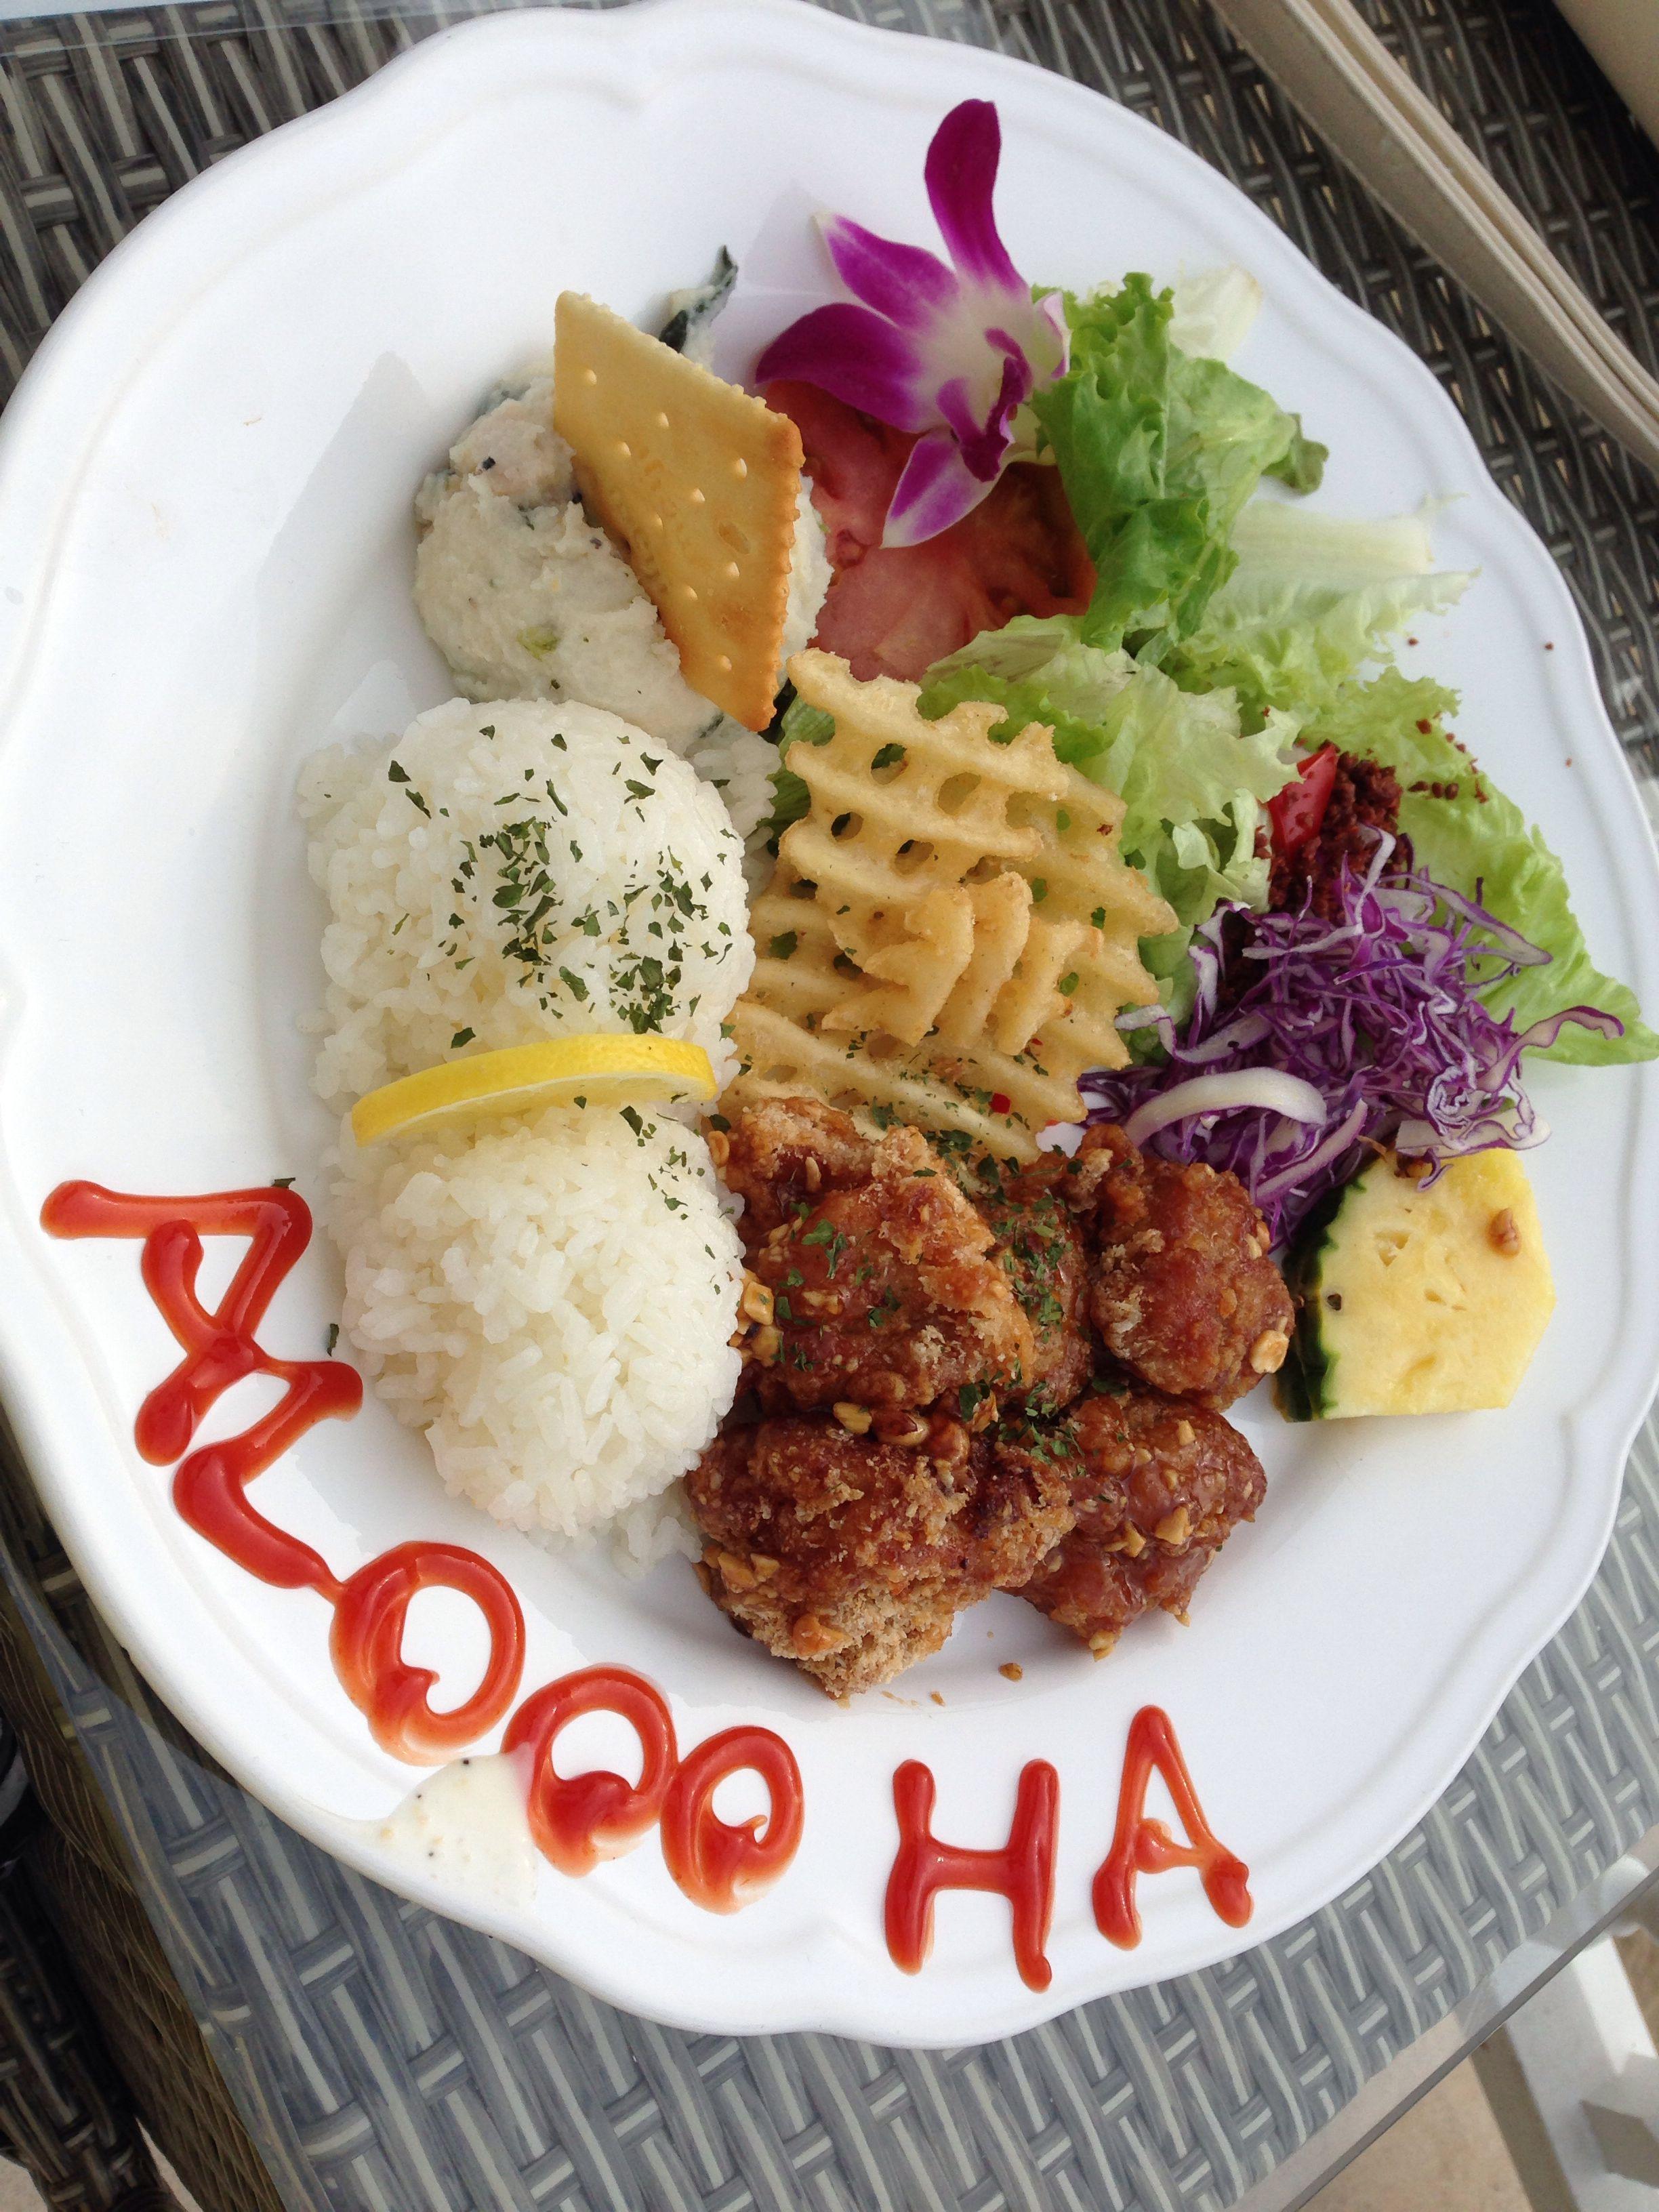 食べ物 おしゃれまとめの人気アイデア Pinterest Remi ランチ 食べ物